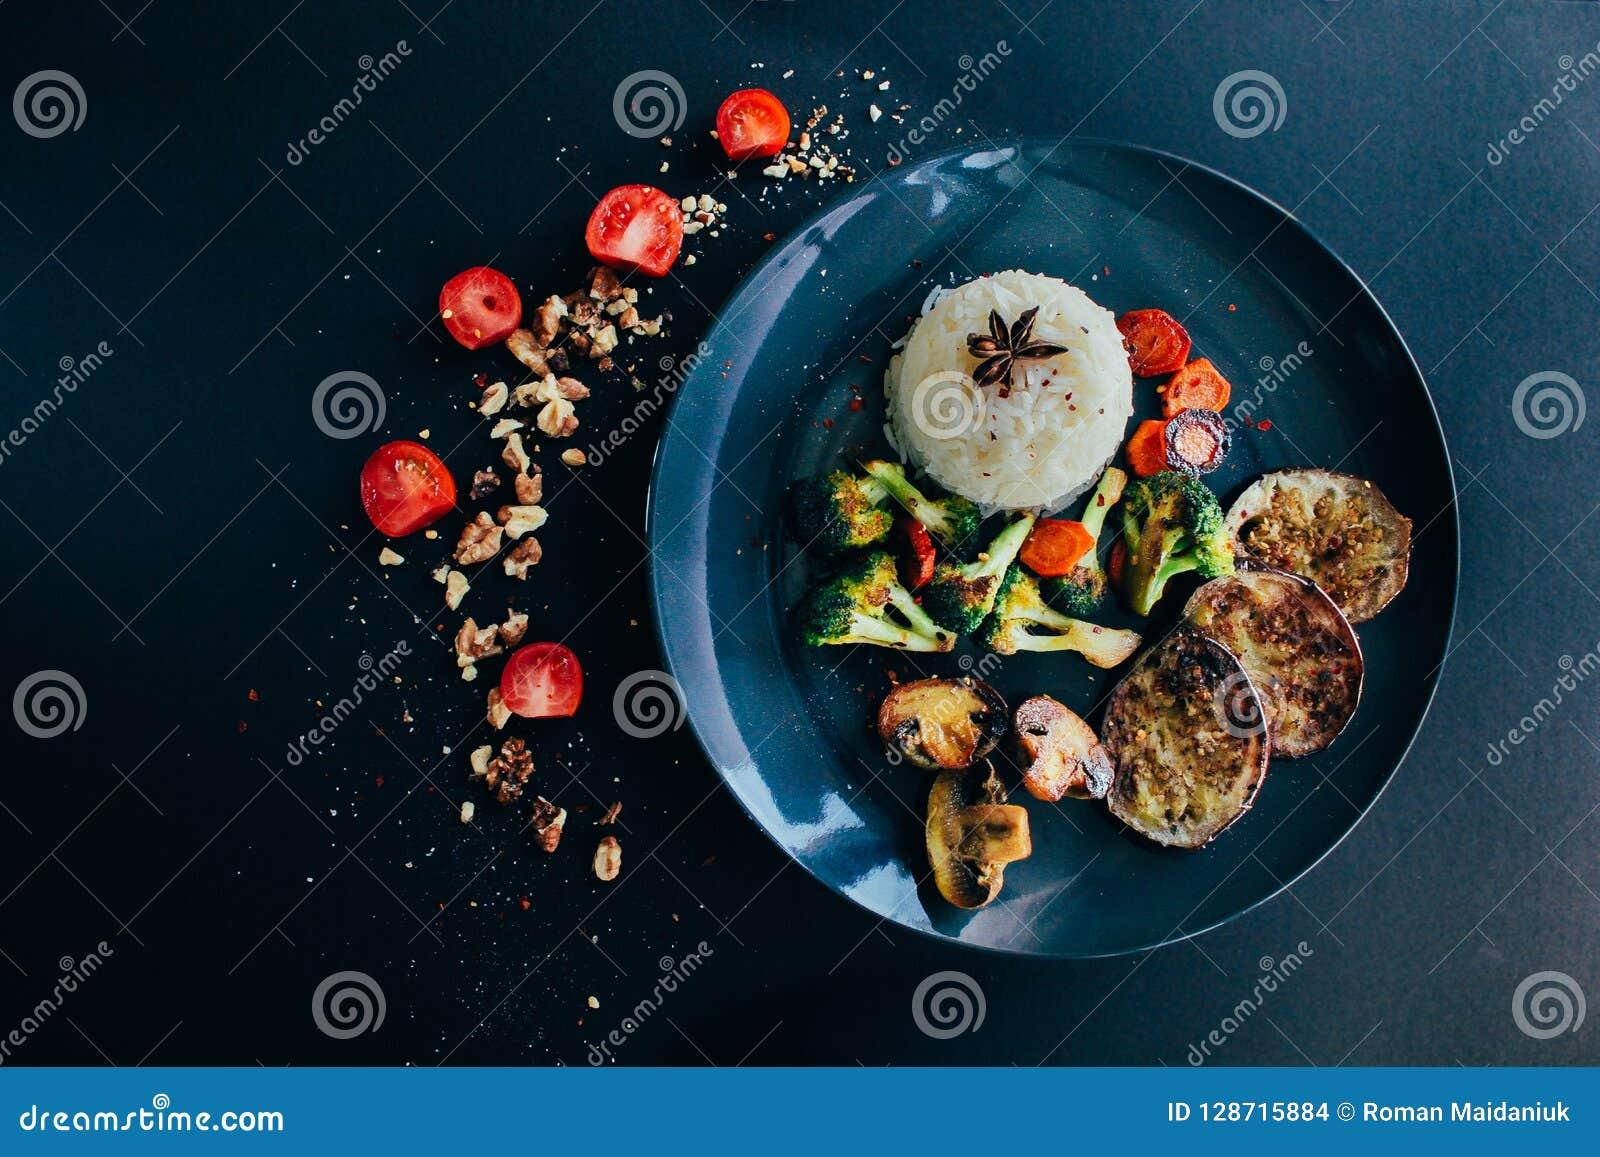 Le riz basmati, végétarien, vegan a grillé des légumes Carotte, tomates-cerises, champignons de paris, aubergine, anis foncé